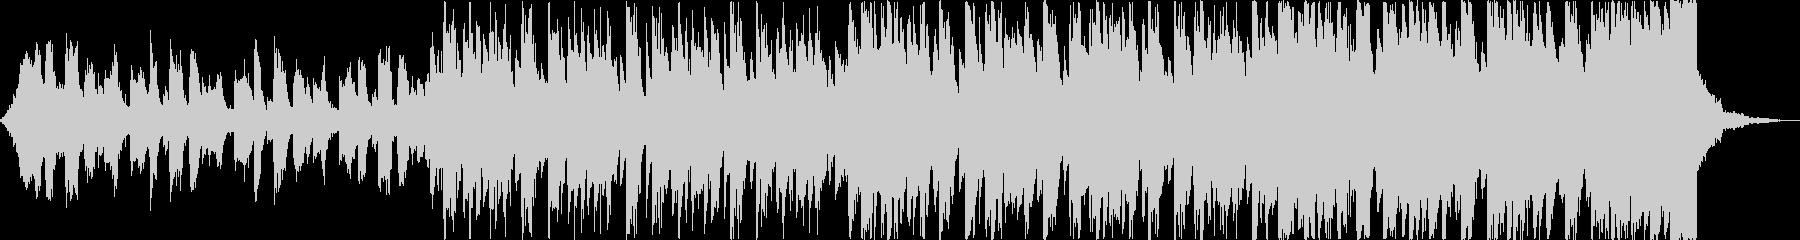 軽快清涼感クールEDMトロピカルハウスcの未再生の波形